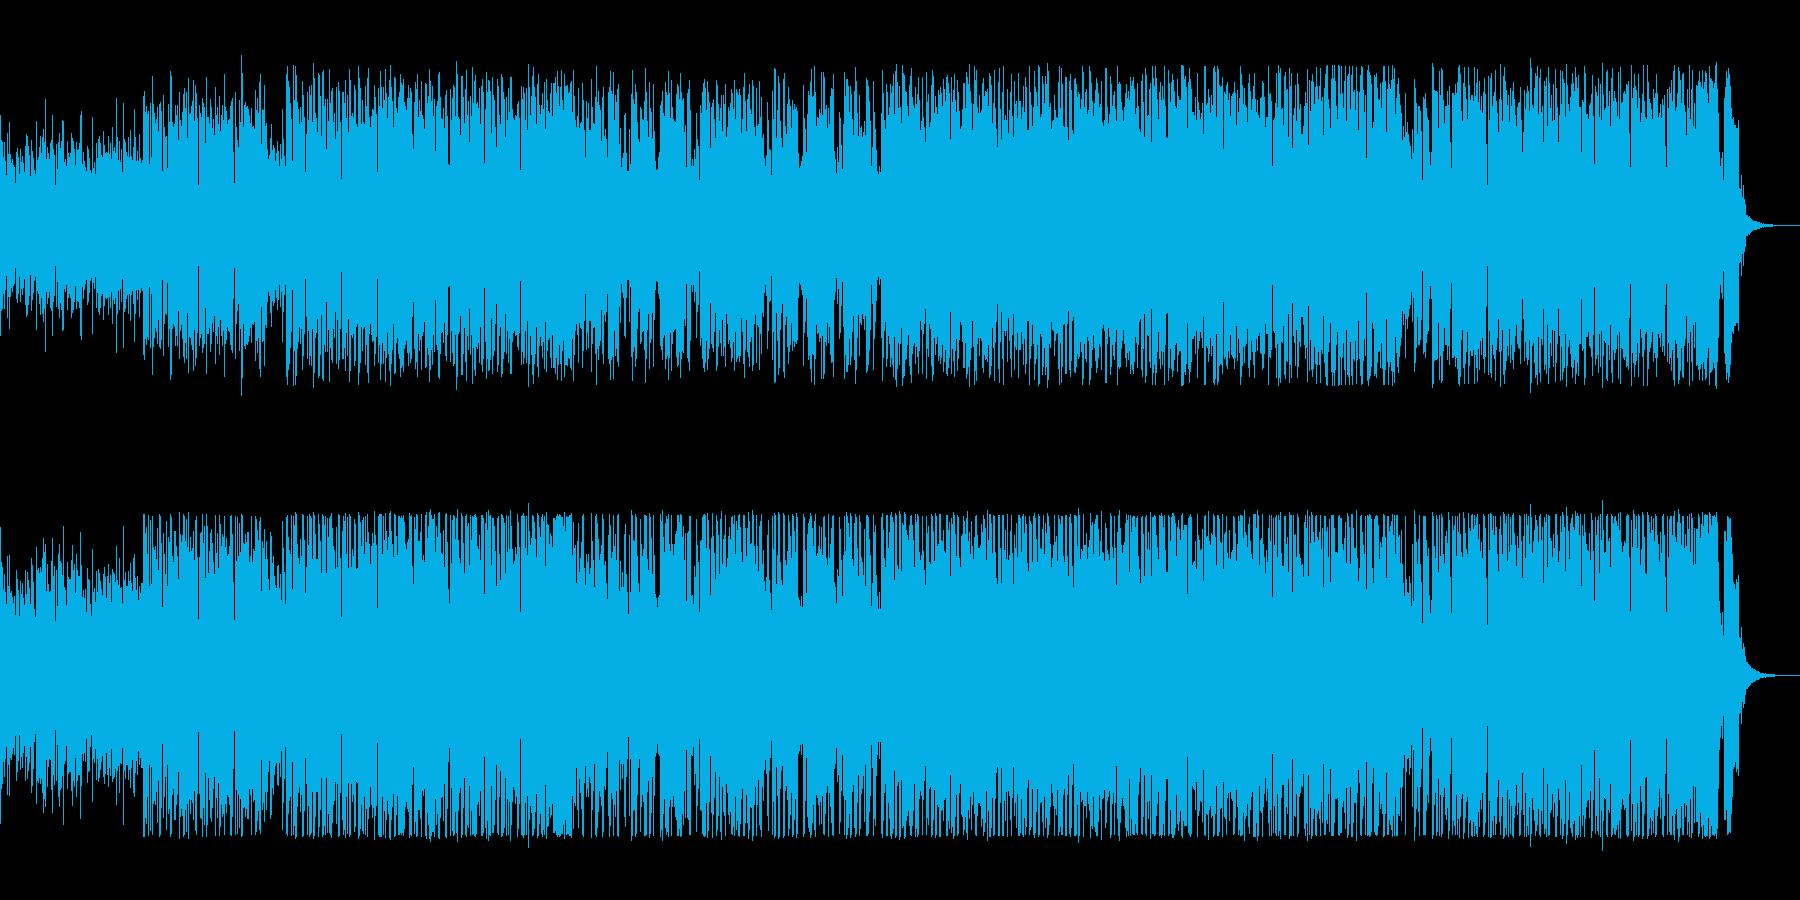 軽快なピアノの伴奏が挑発的なポップスの再生済みの波形